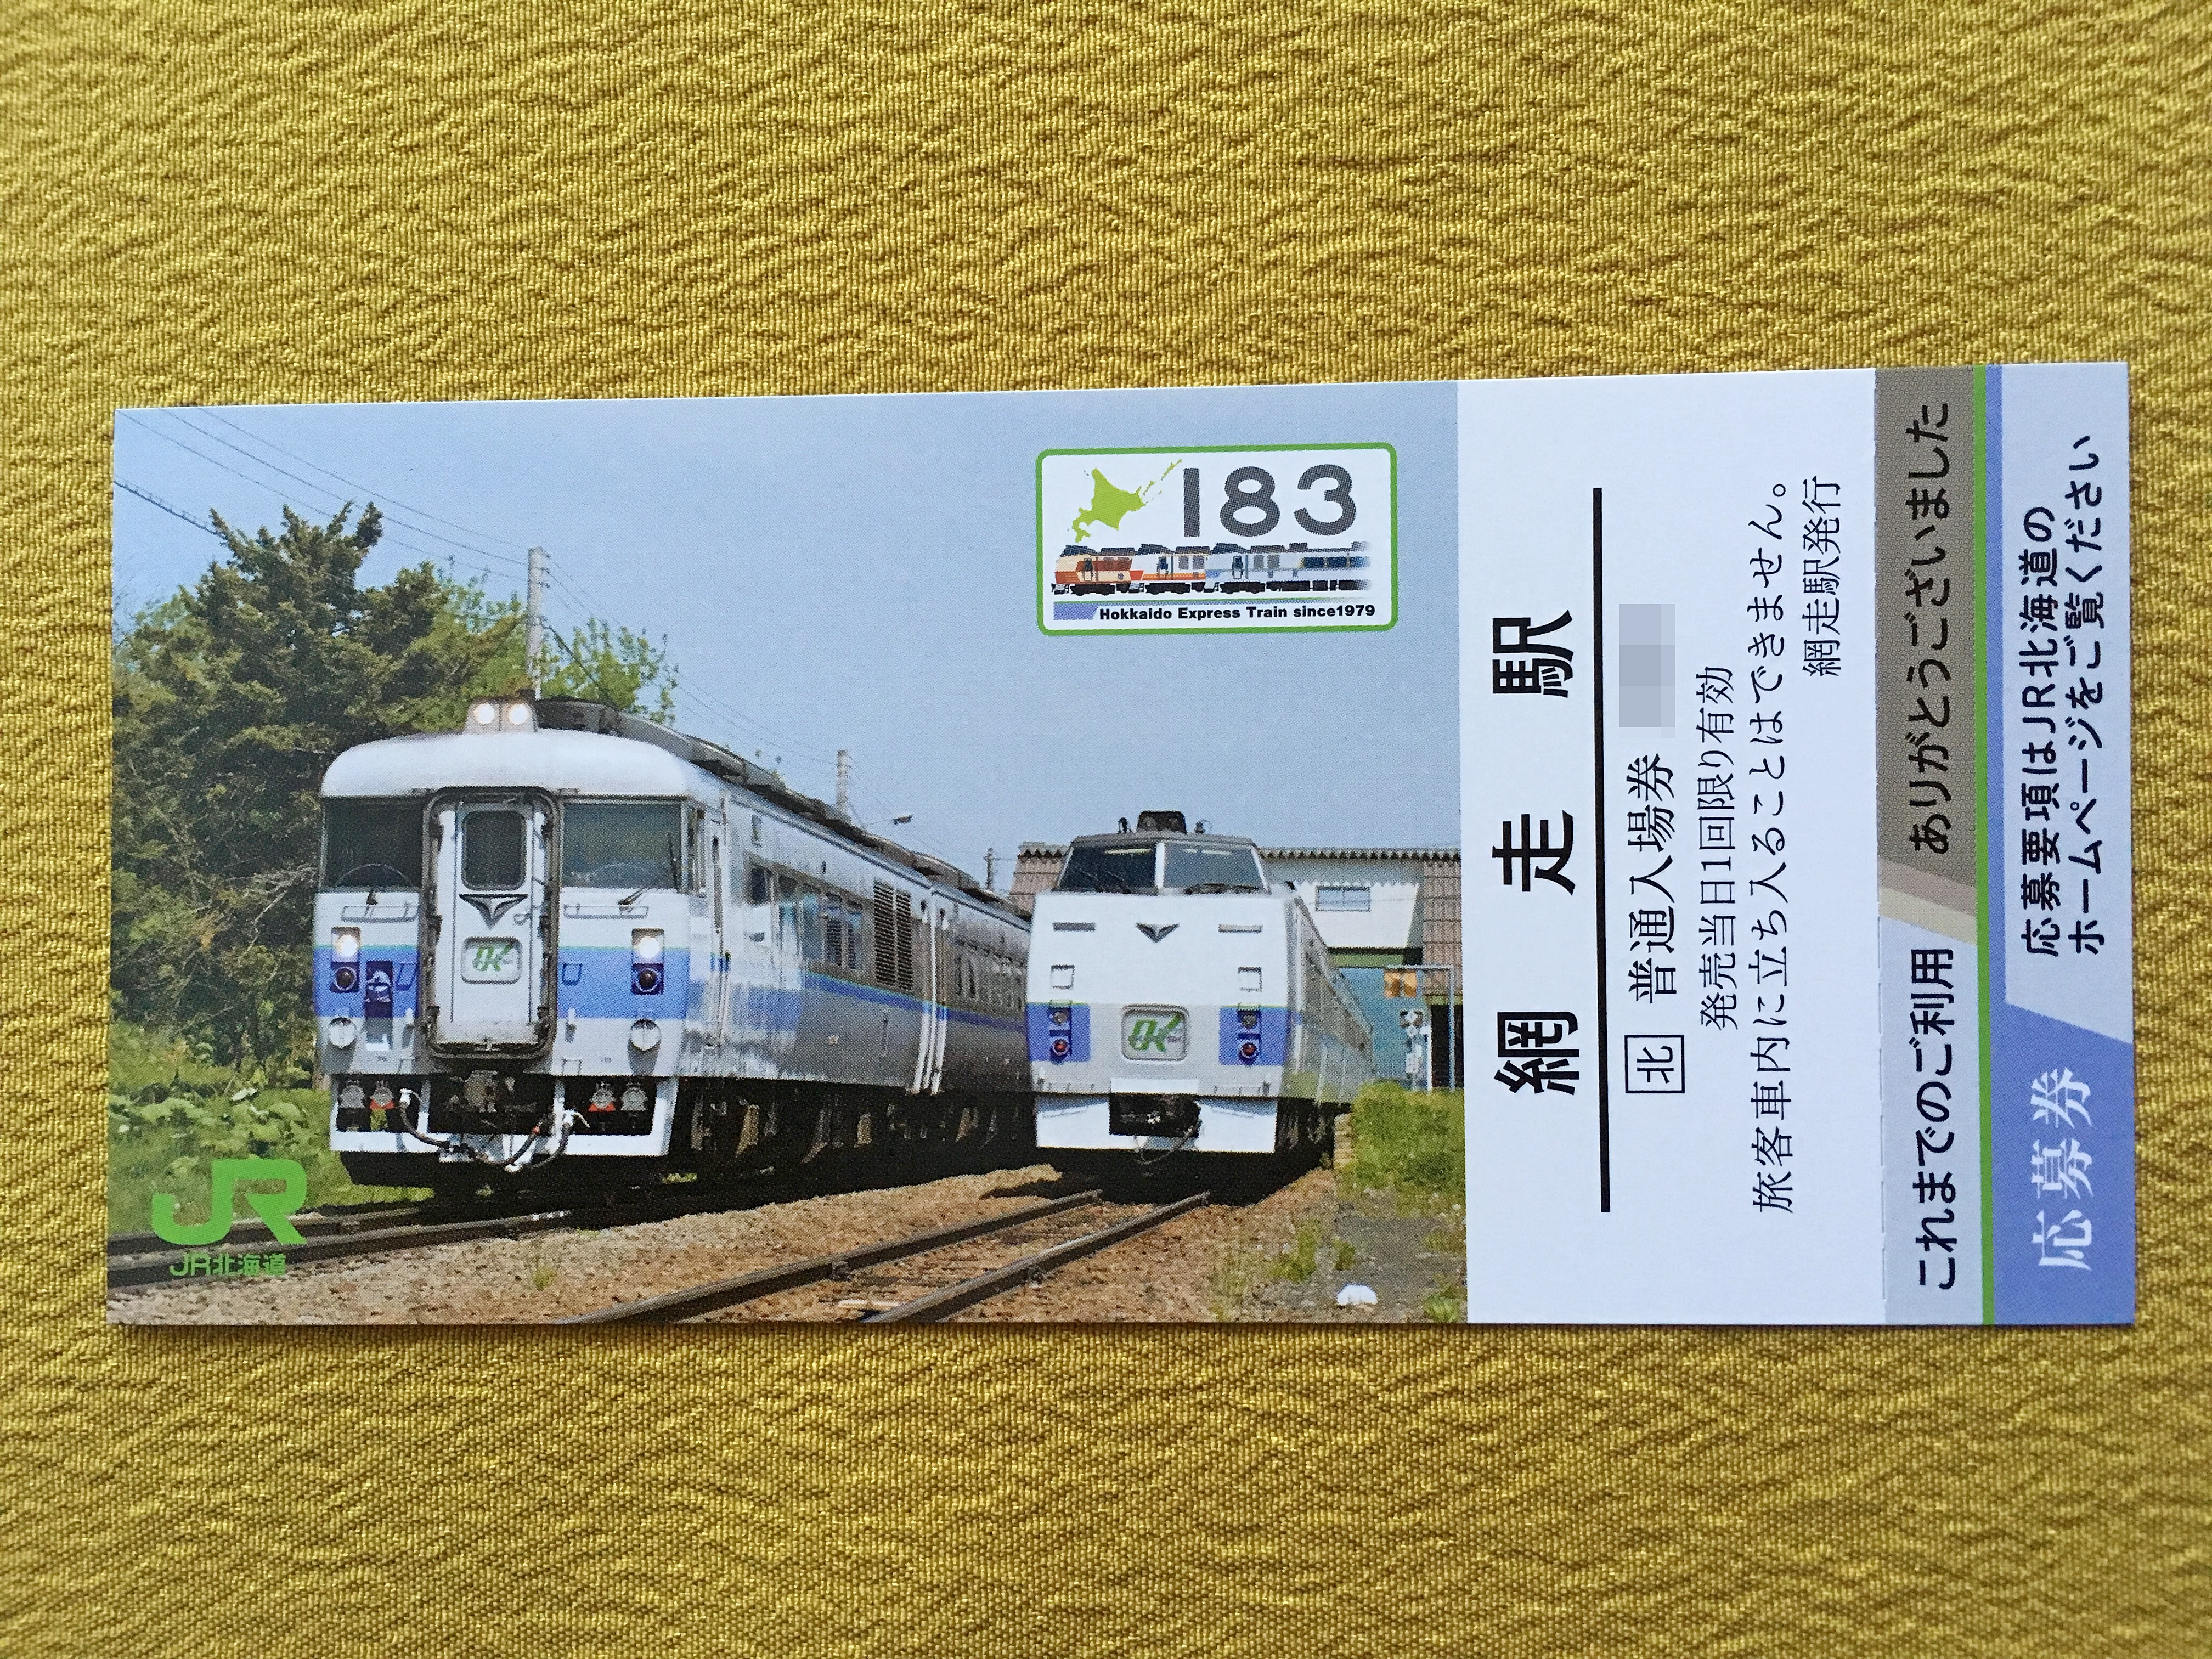 キハ183-0系記念入場券 網走駅表.JPG